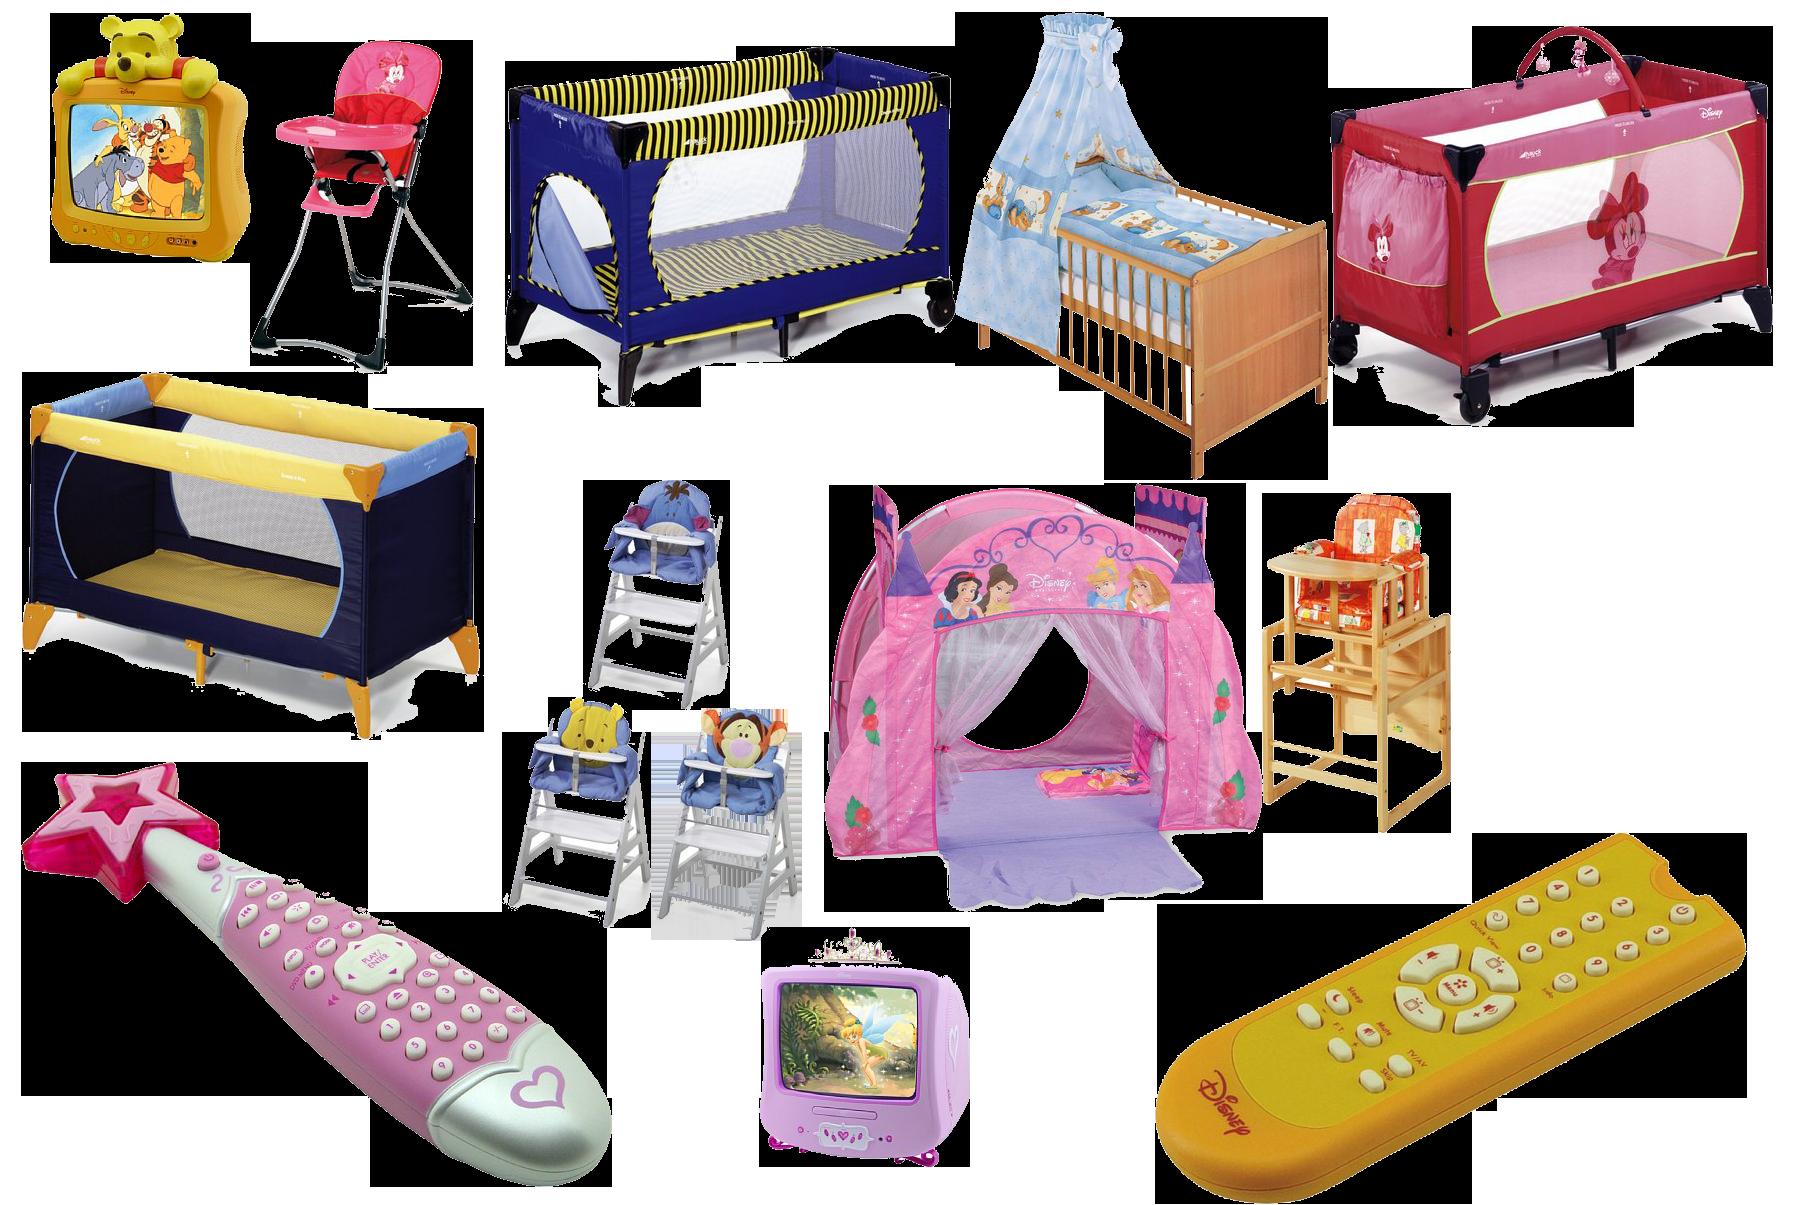 Сбор заказов. Детские товары- коляски, кроватки, стульчики, ходунки, манежи, шезлонги, горки, качели, палатки, качалки, электрика, самокаты, велобеги, велосипеды, автокресла, игрушки и т.д.- Март